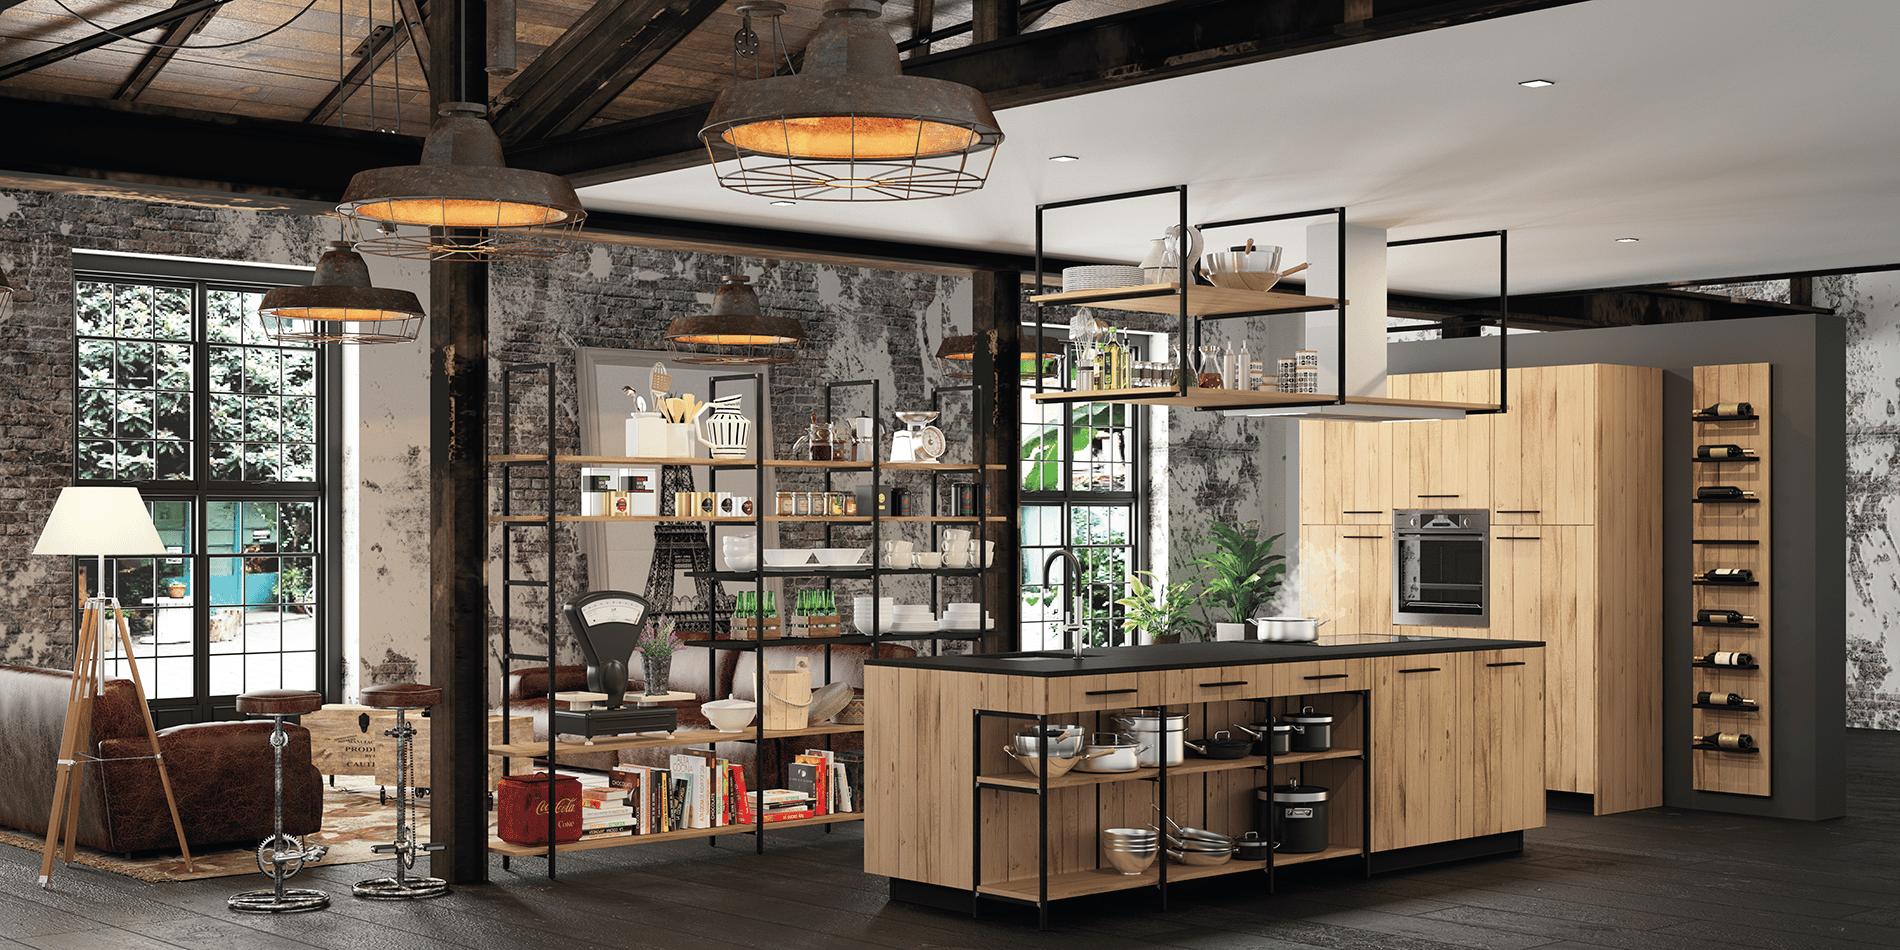 esquisse design ind cuisines morel. Black Bedroom Furniture Sets. Home Design Ideas